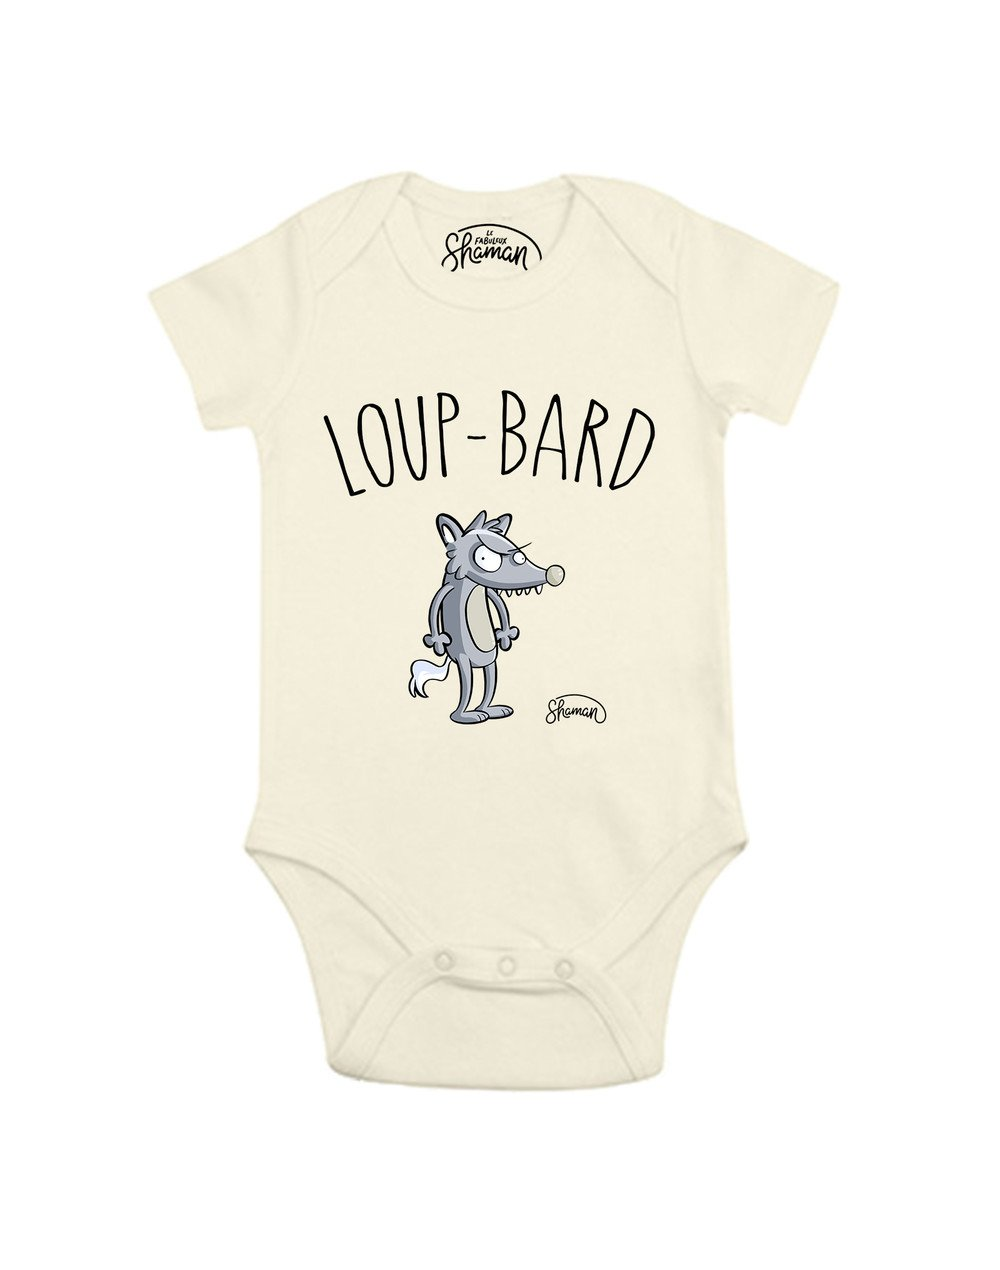 Body Loup bard